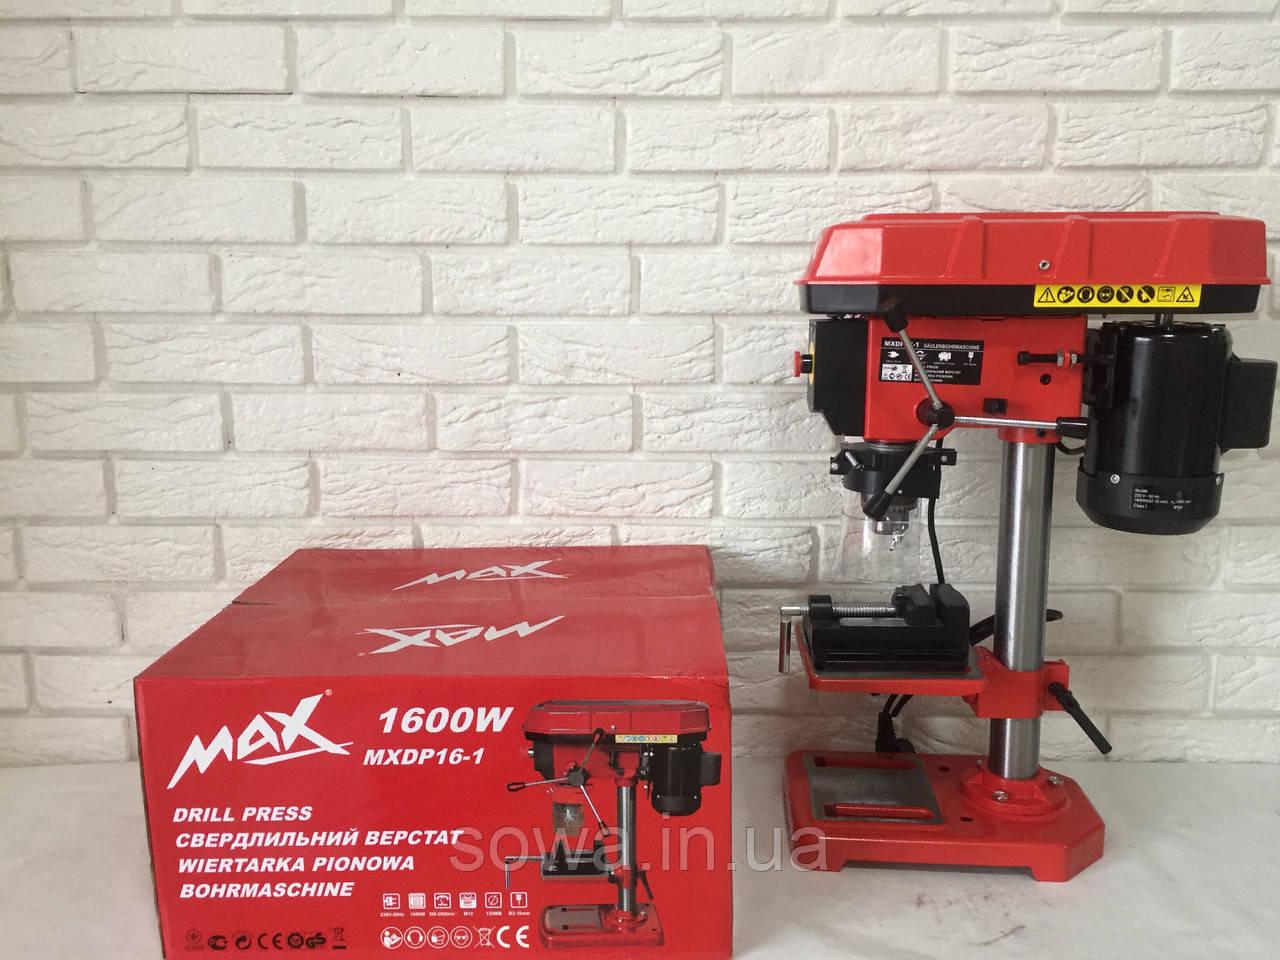 ✔️ Свердлильний верстат MAX MXDP-16-1 . 1600W . + лещата